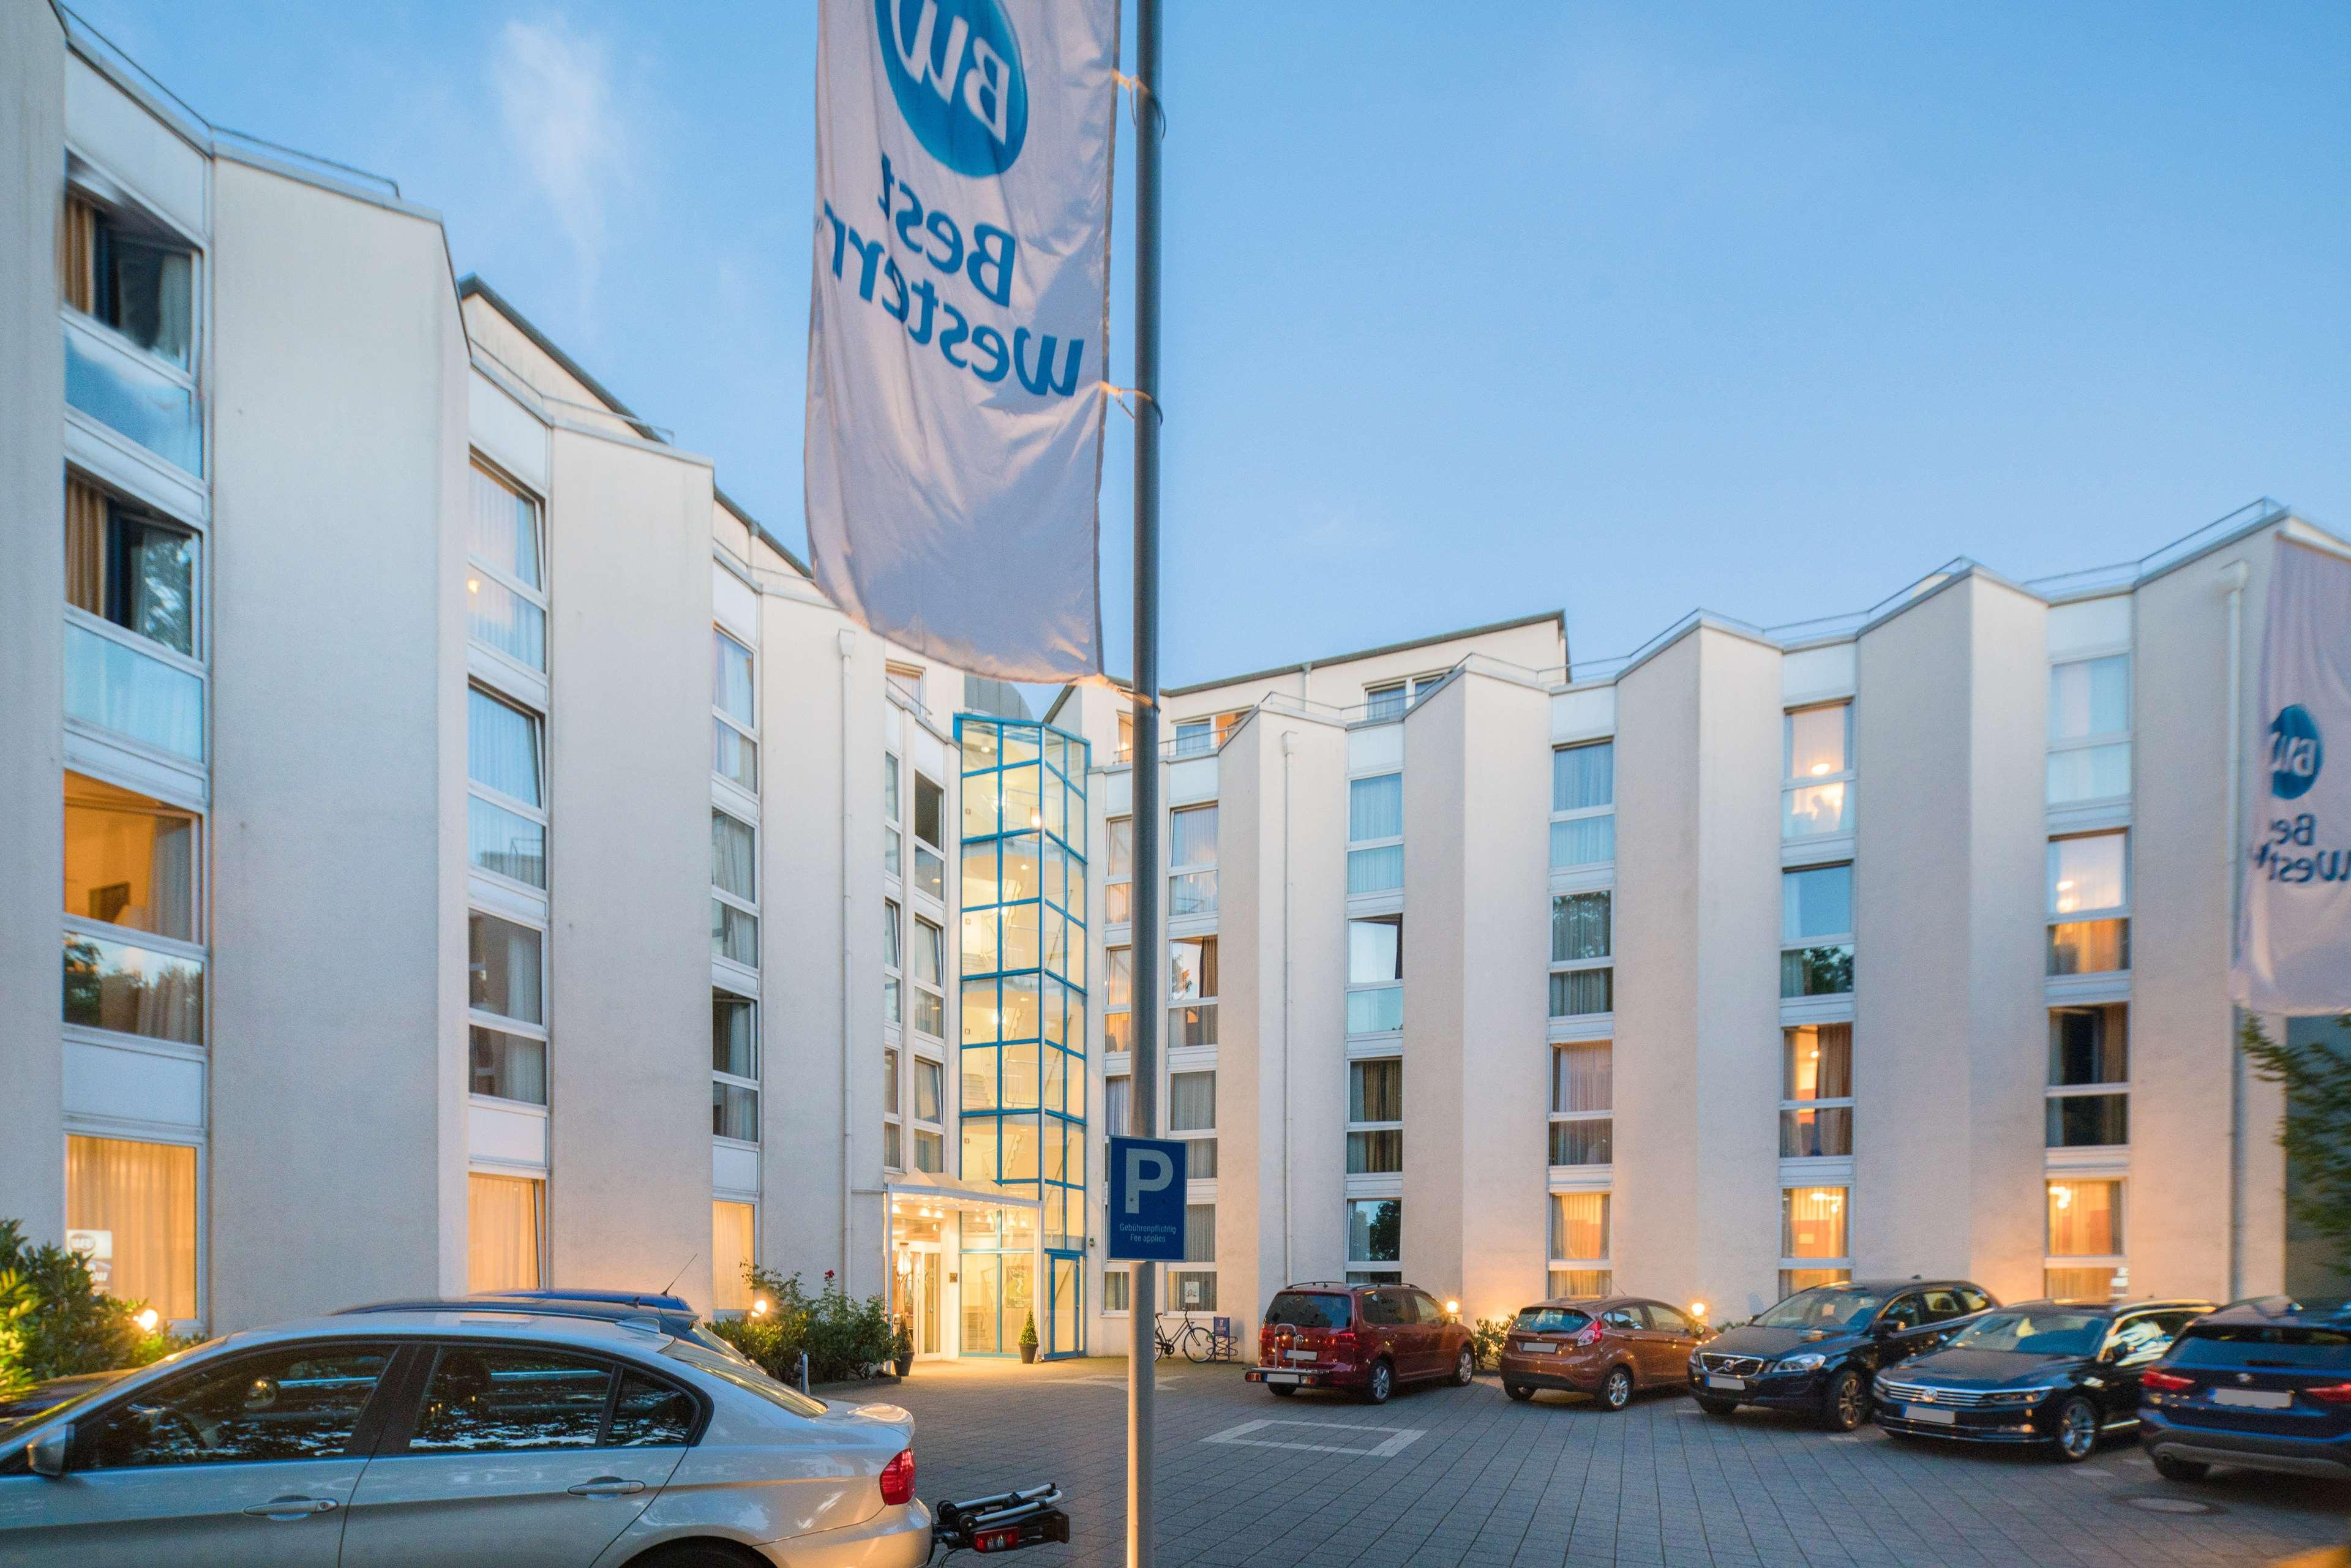 Best Western Hotel Ypsilon, Mueller-Breslau-Strasse 18-20 in Essen